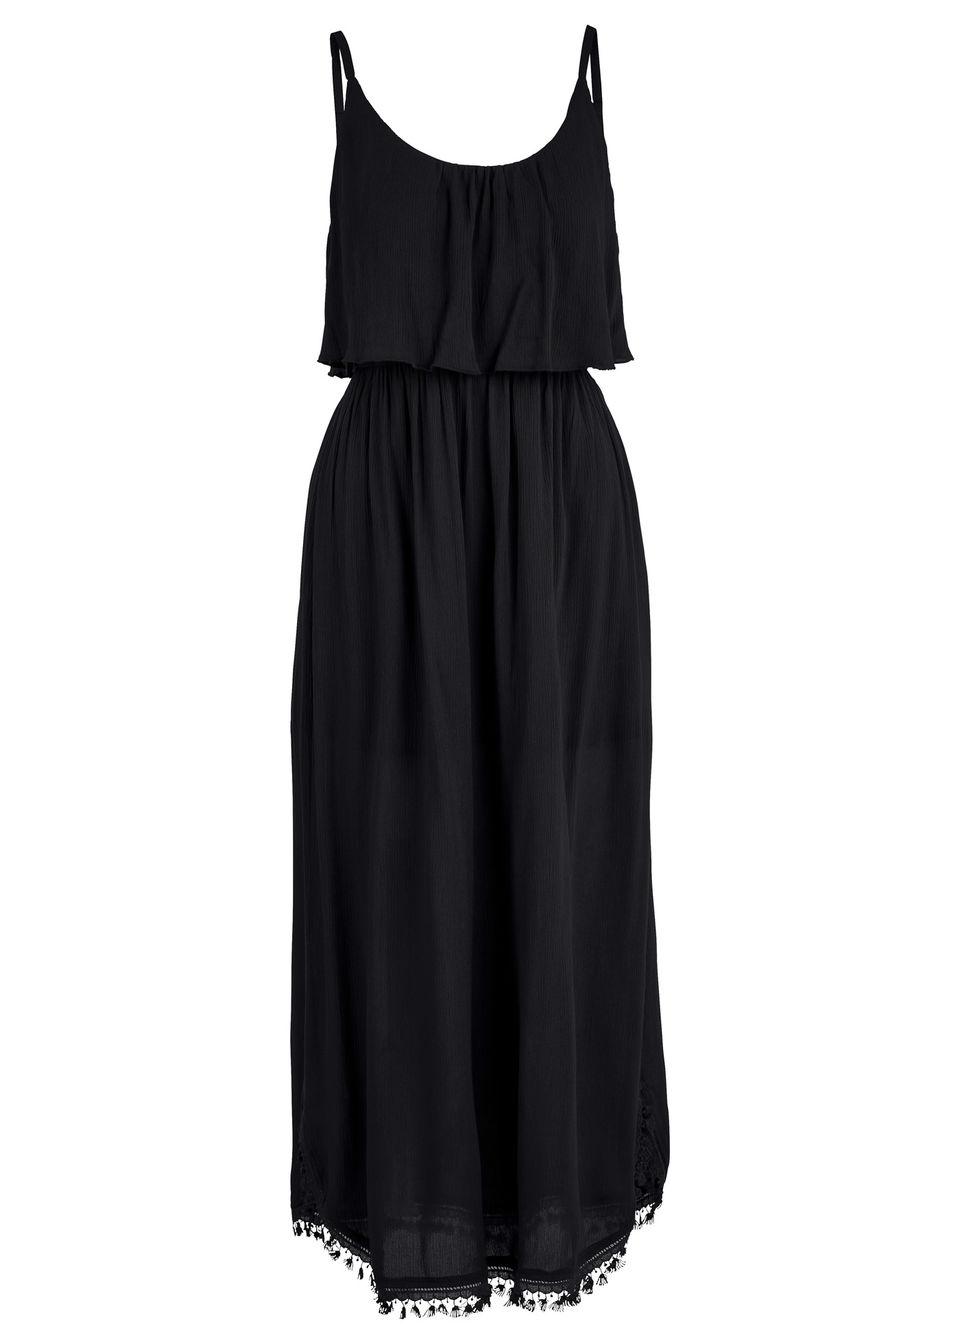 Купить Платье с воланами, bonprix, черный